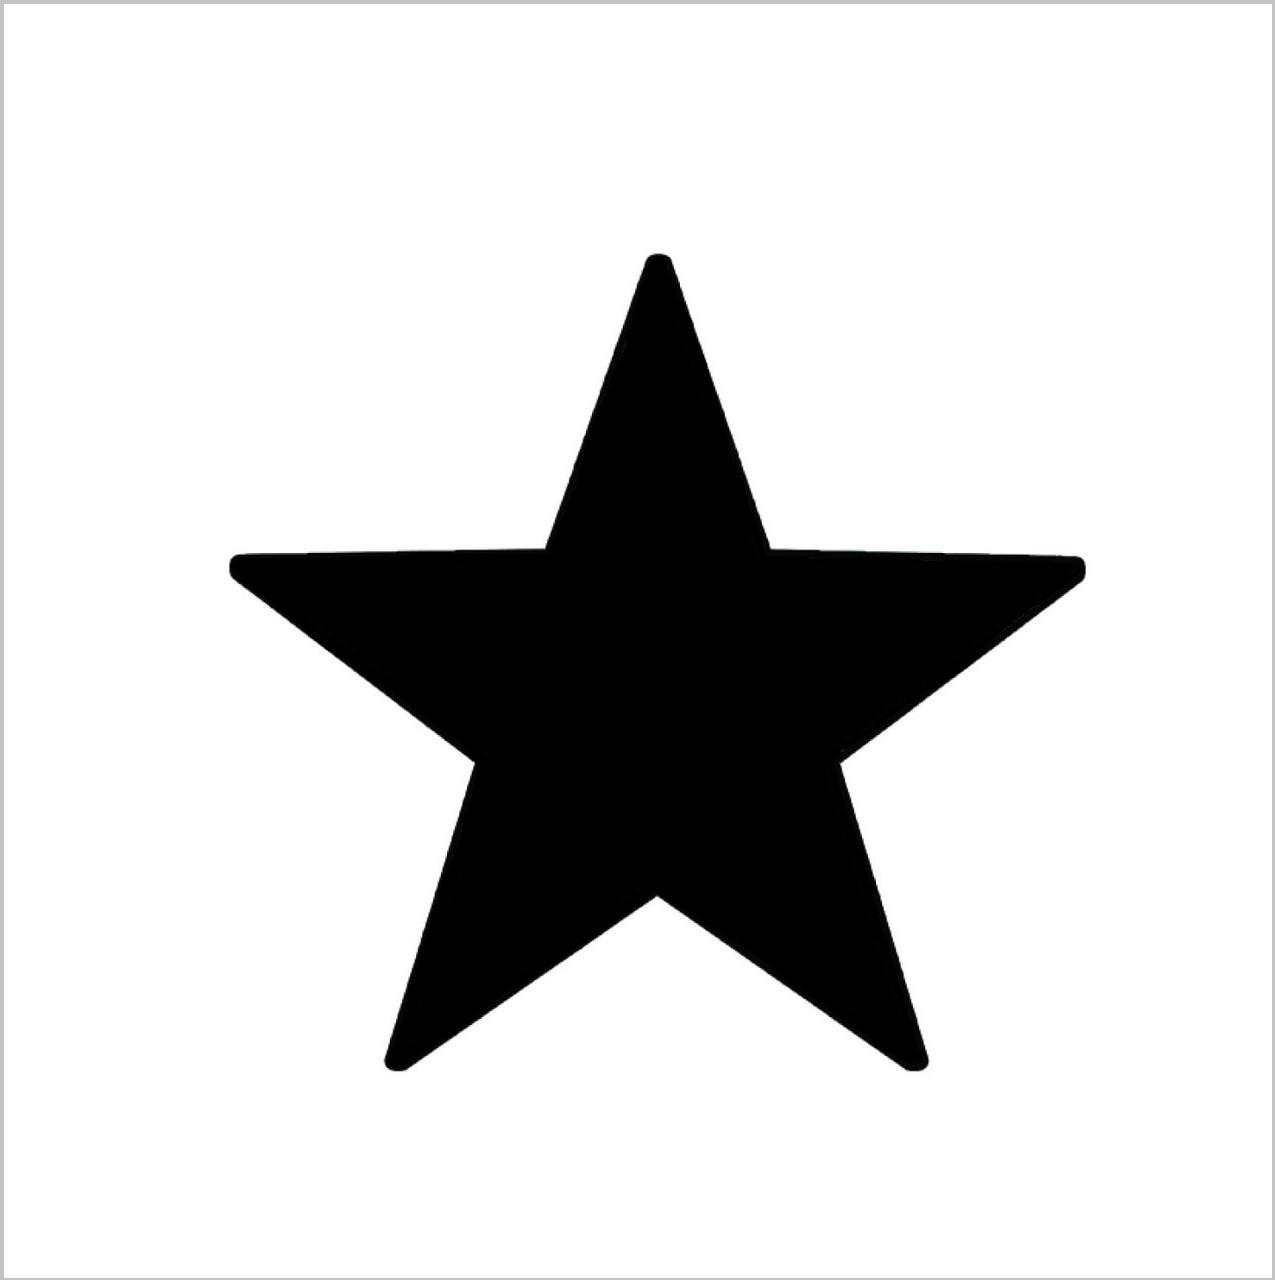 Punk Star Professional Stencil Insert